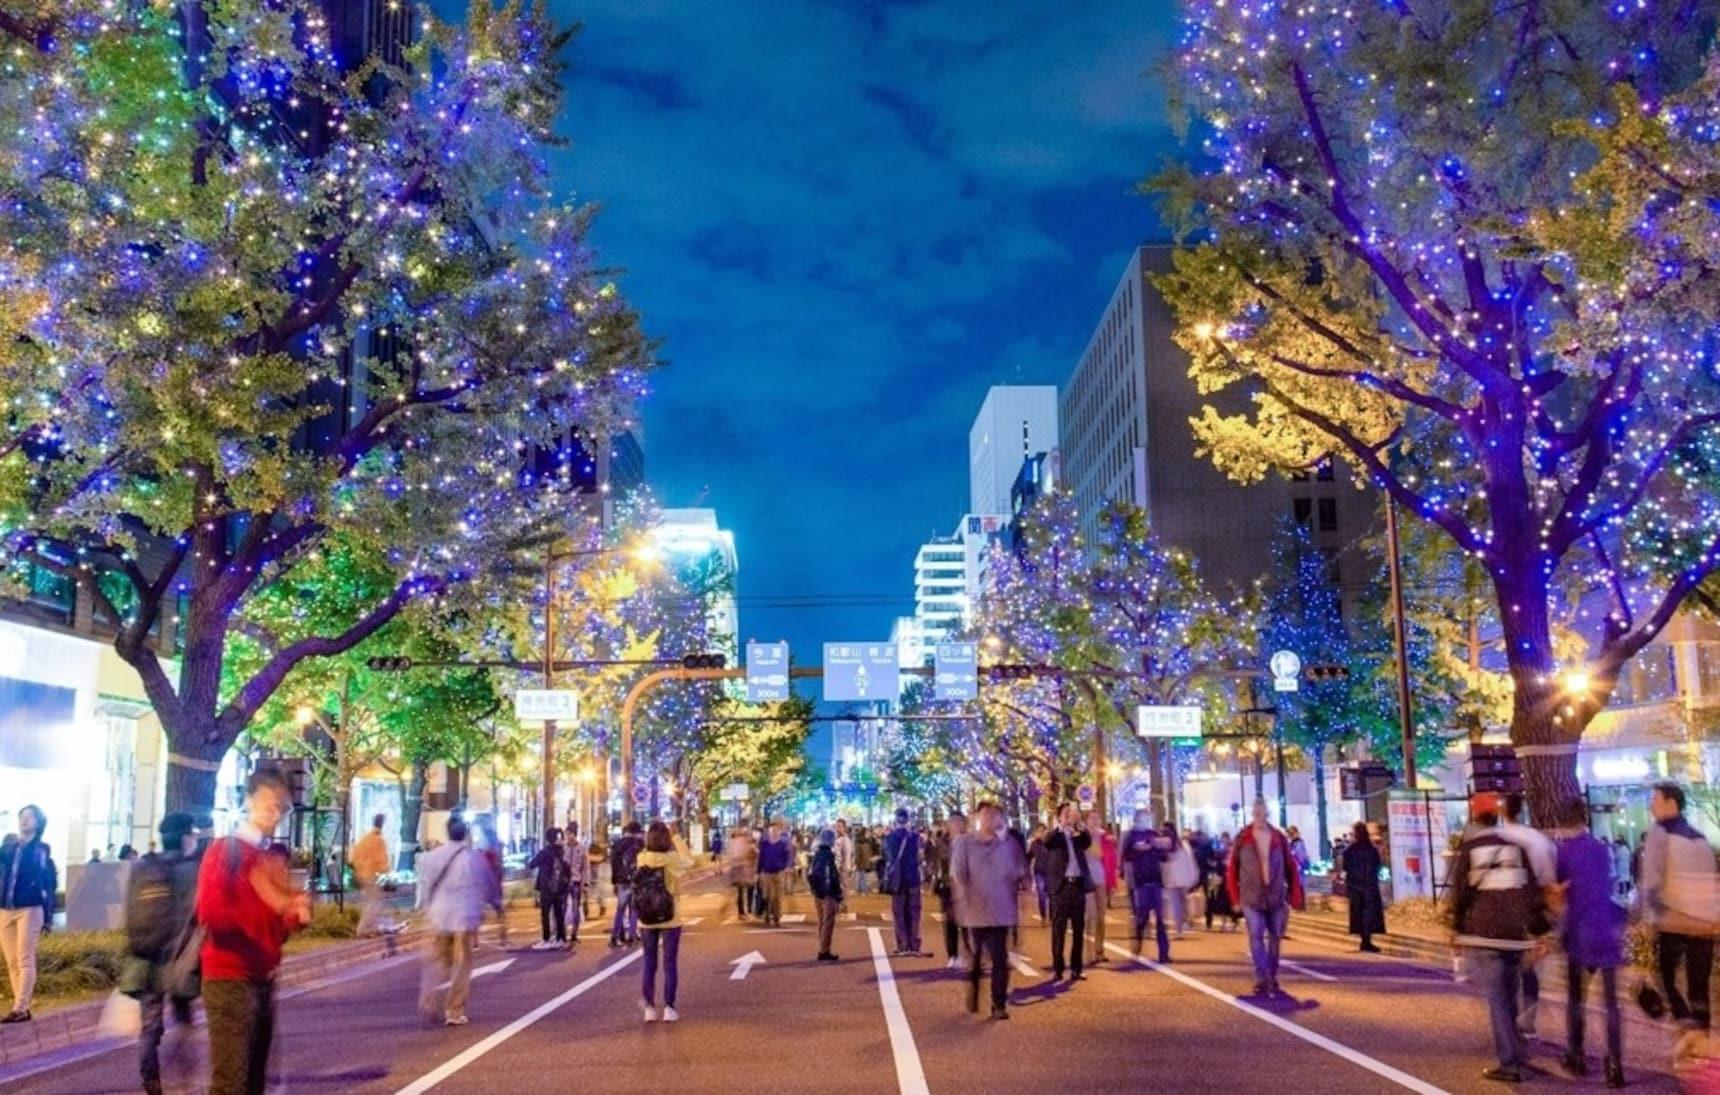 2019-20日本聖誕燈飾大賞TOP20|冬天就是要讓燈飾溫暖你的心(內文資訊持續更新中)